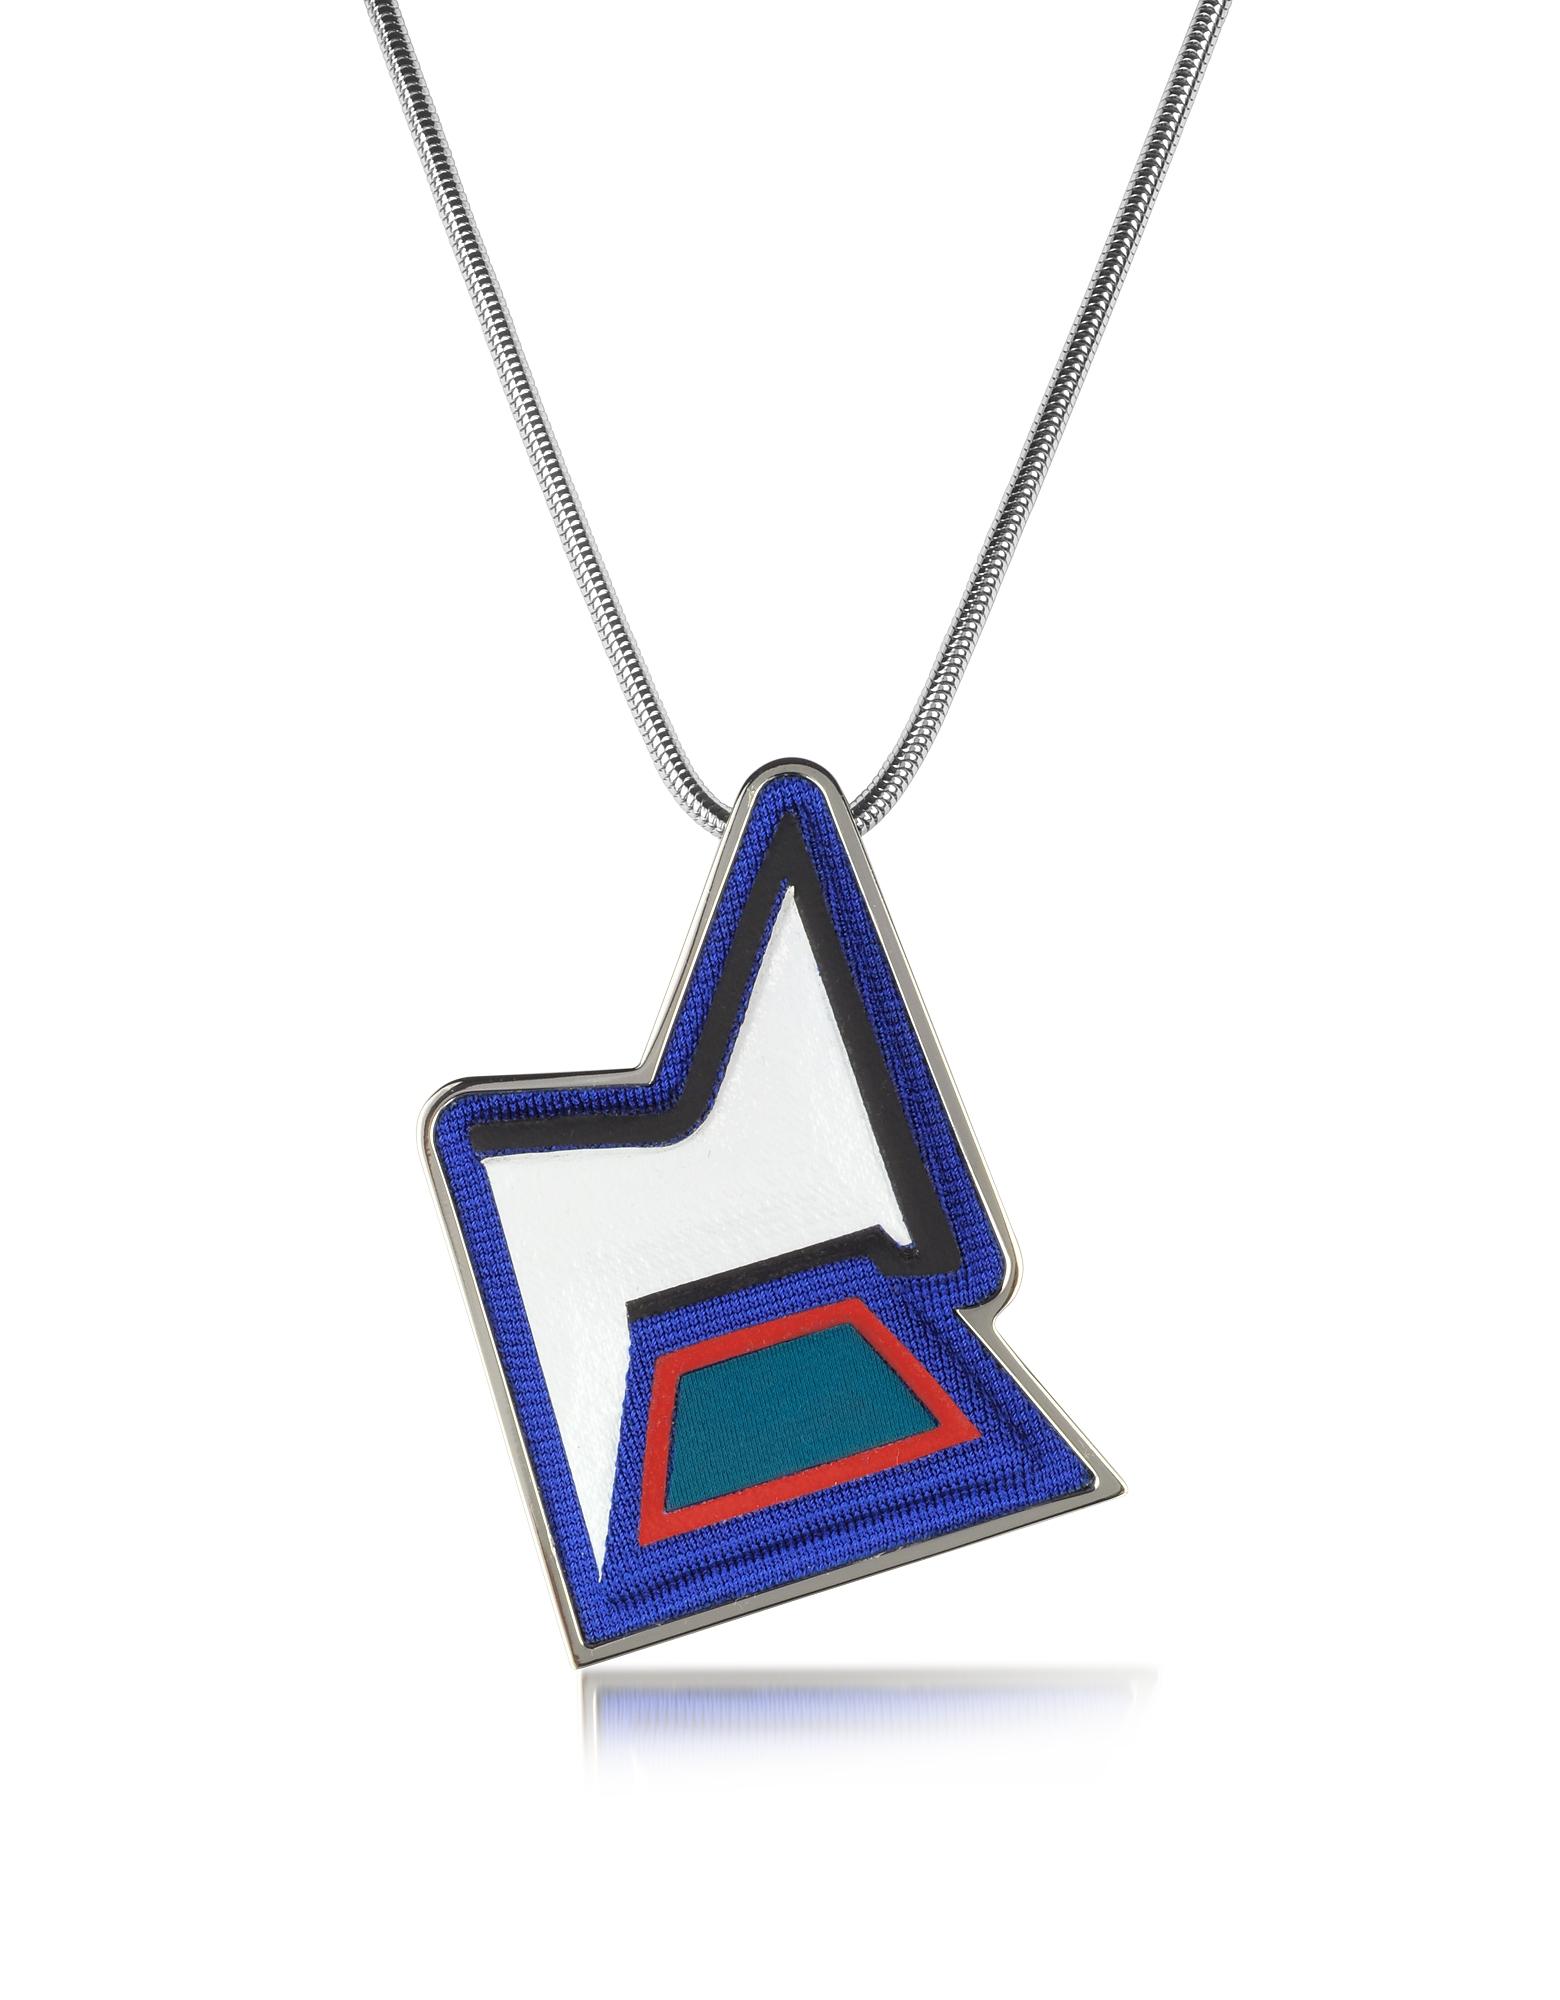 Ziggy Easy - Ожерелье из Меди с Напылением Палладия и Разноцветной Вискозы